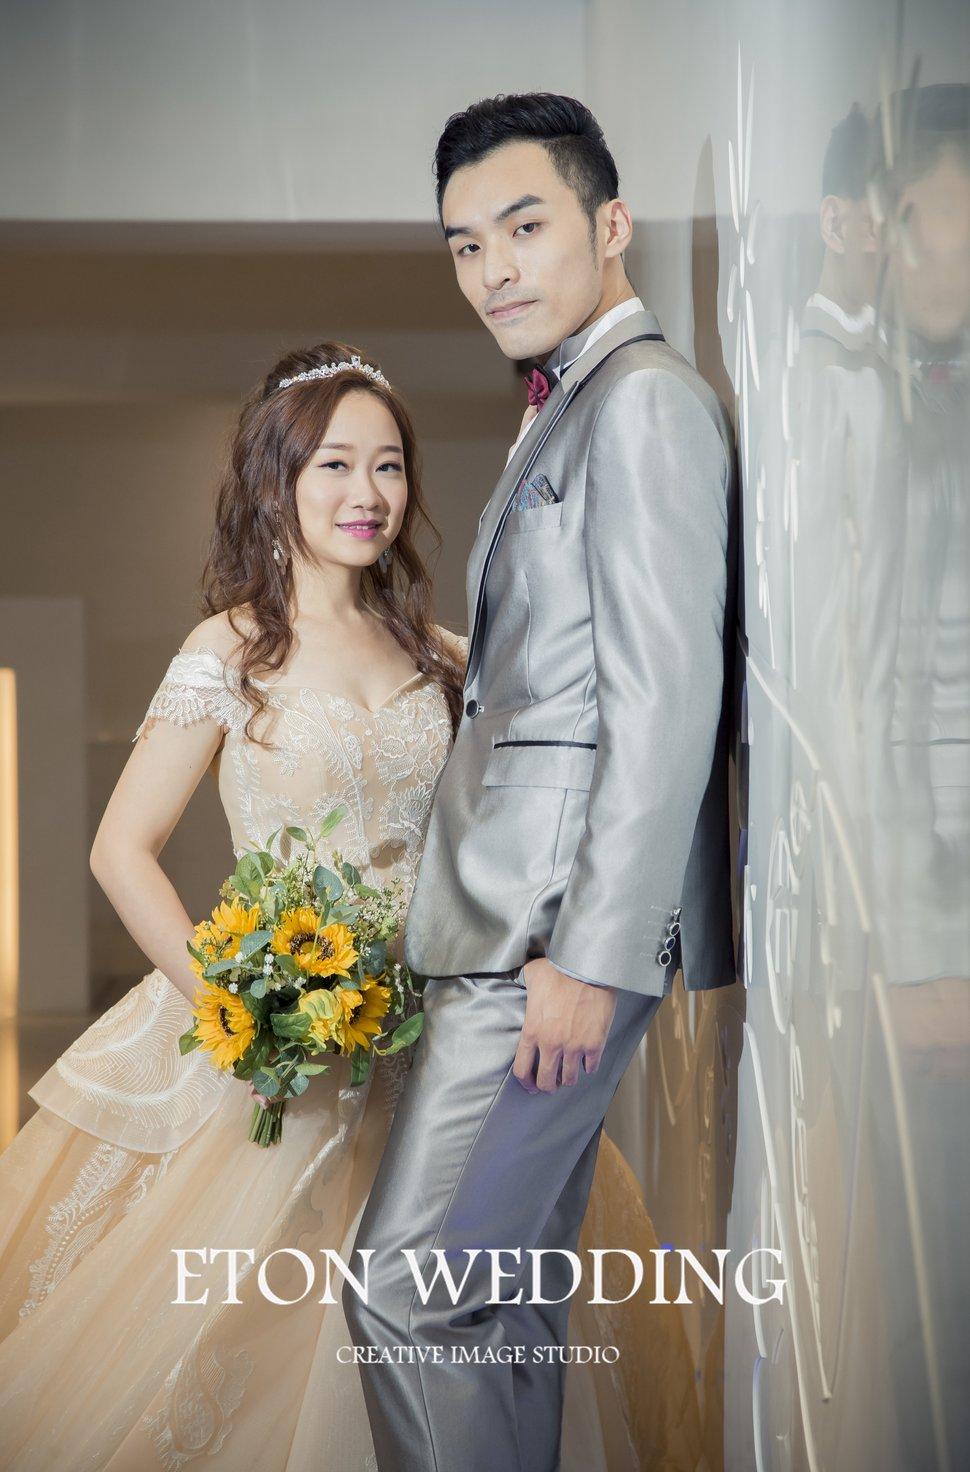 台北婚紗,伊頓自助婚紗 (13) - 伊頓自助婚紗 ▌台北高雄板橋桃園新竹台南《結婚吧》